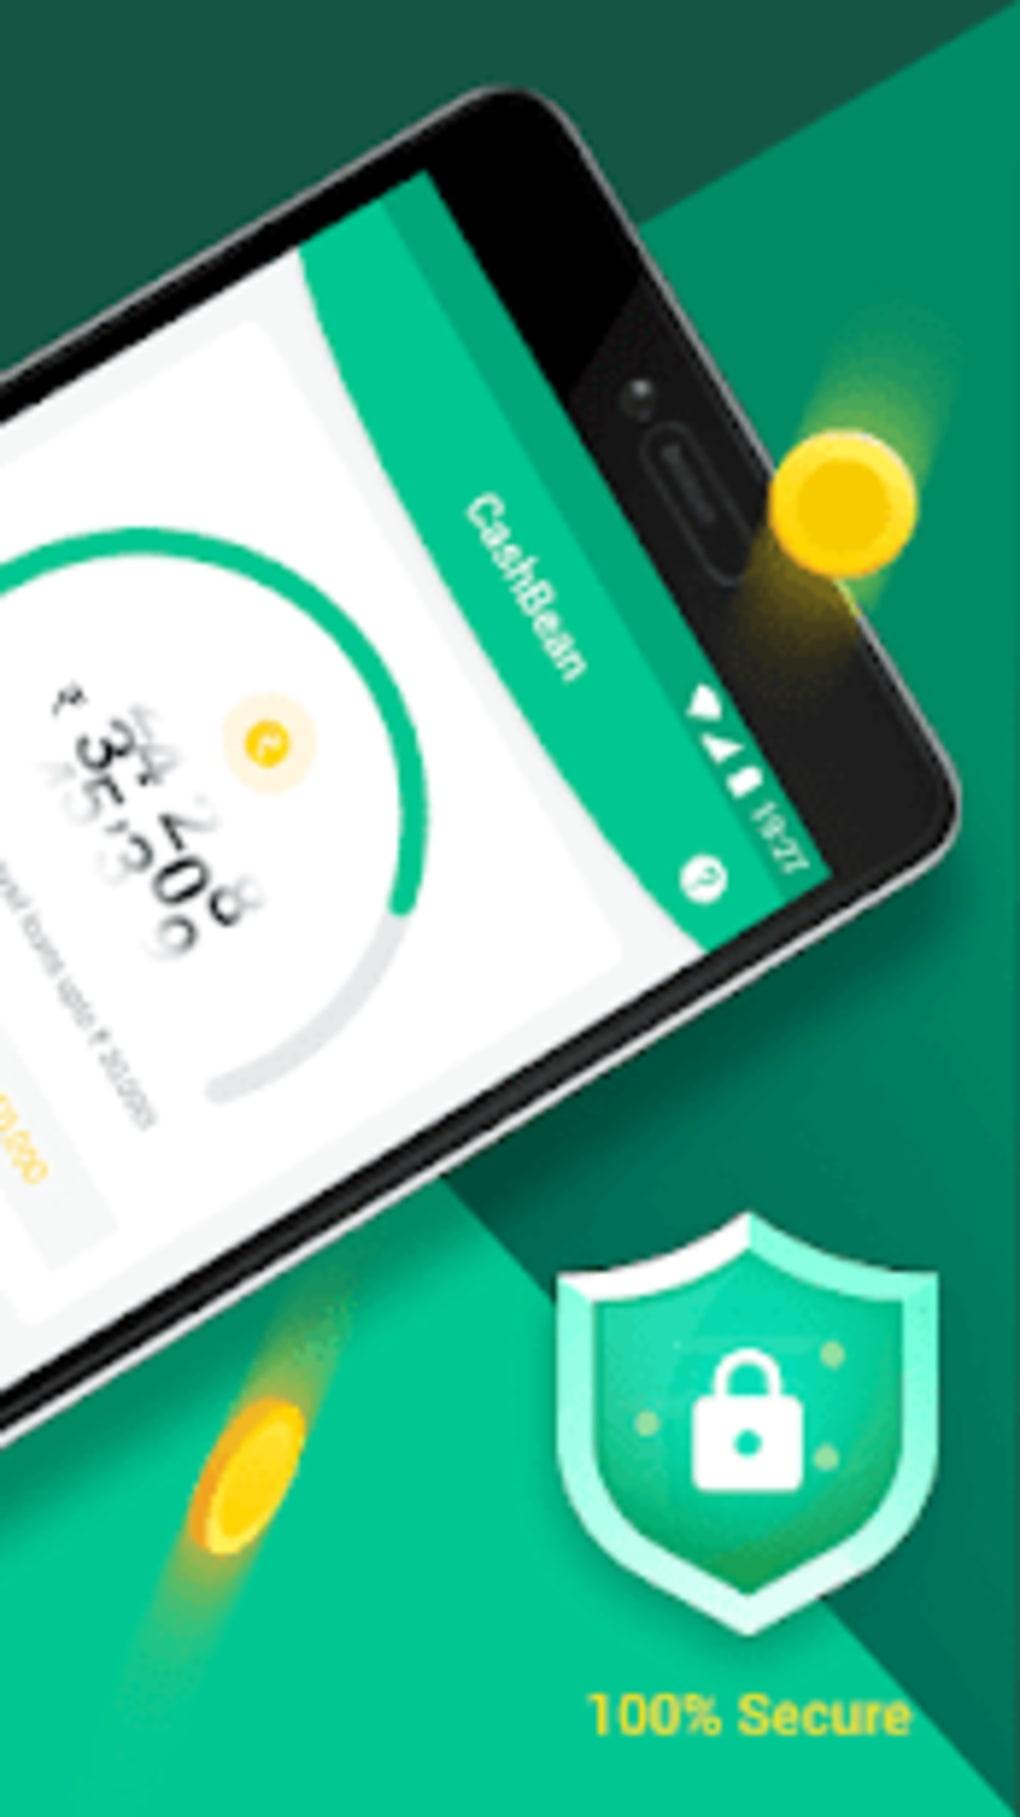 loan online personal loan app cashbean screenshot